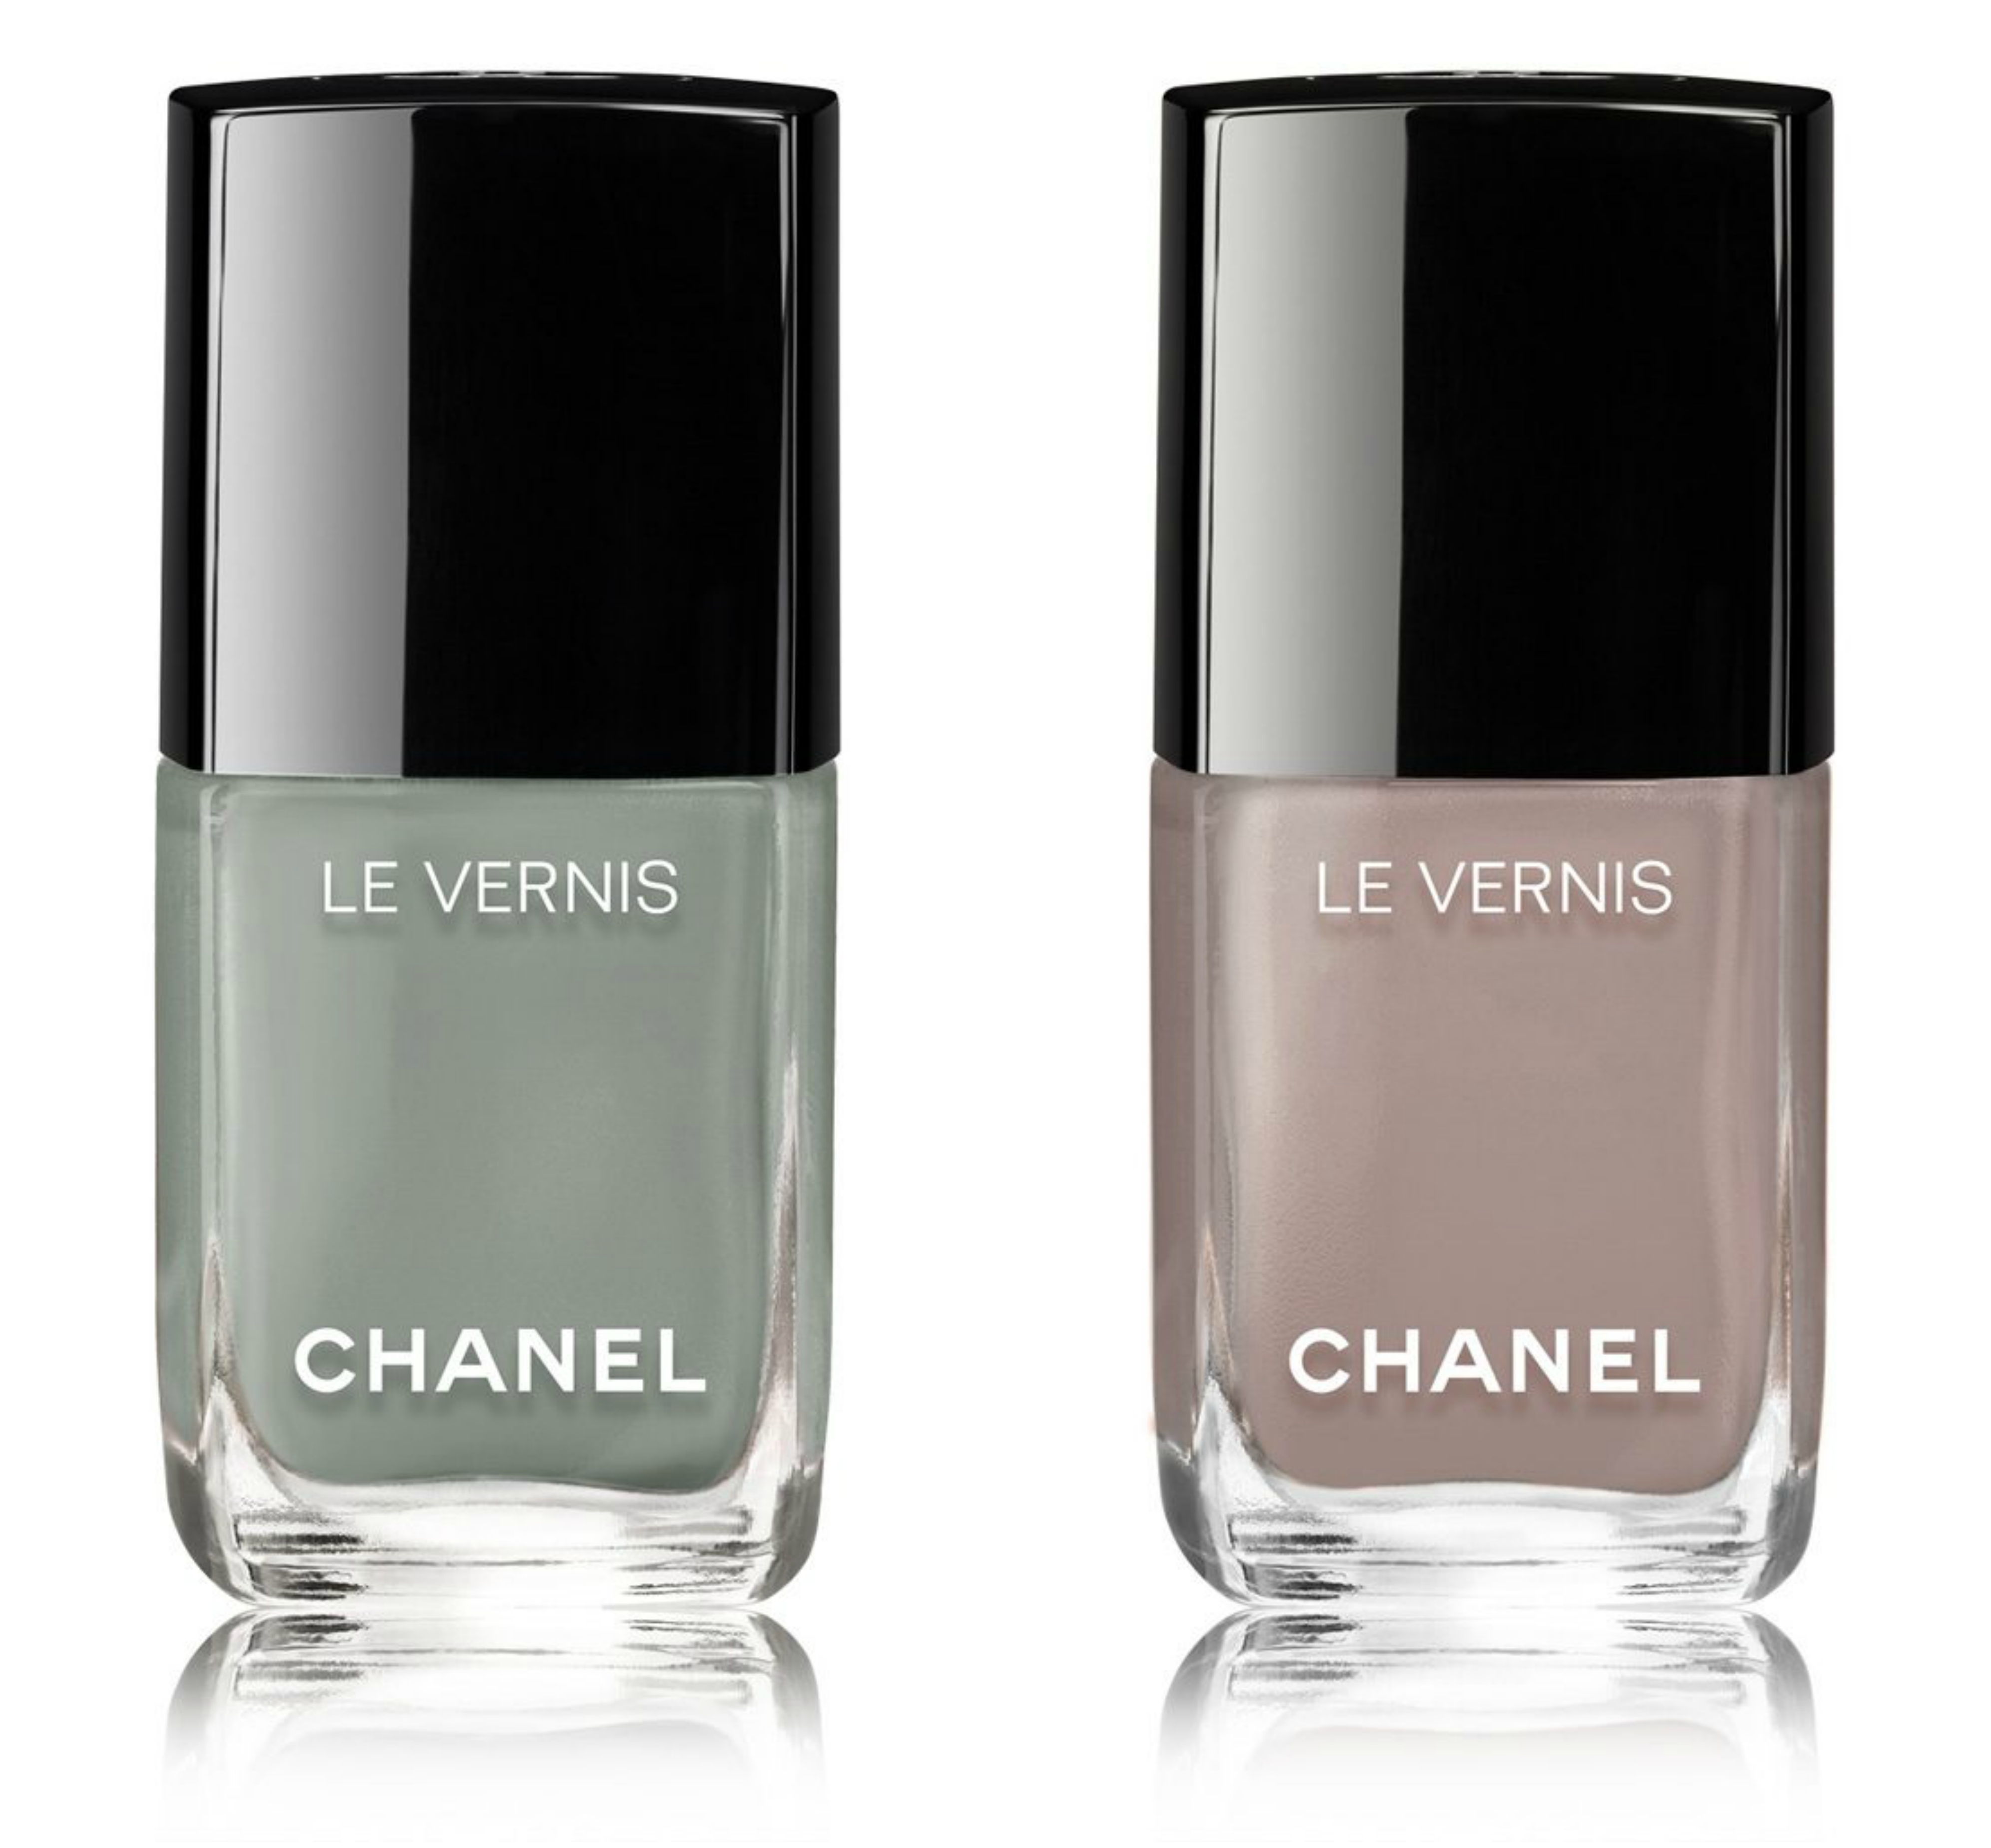 Beauty Shooting: Los colores de un viaje en la piel, cortesía de Chanel - image chanel_vanidad_7 on https://www.vanidad.es